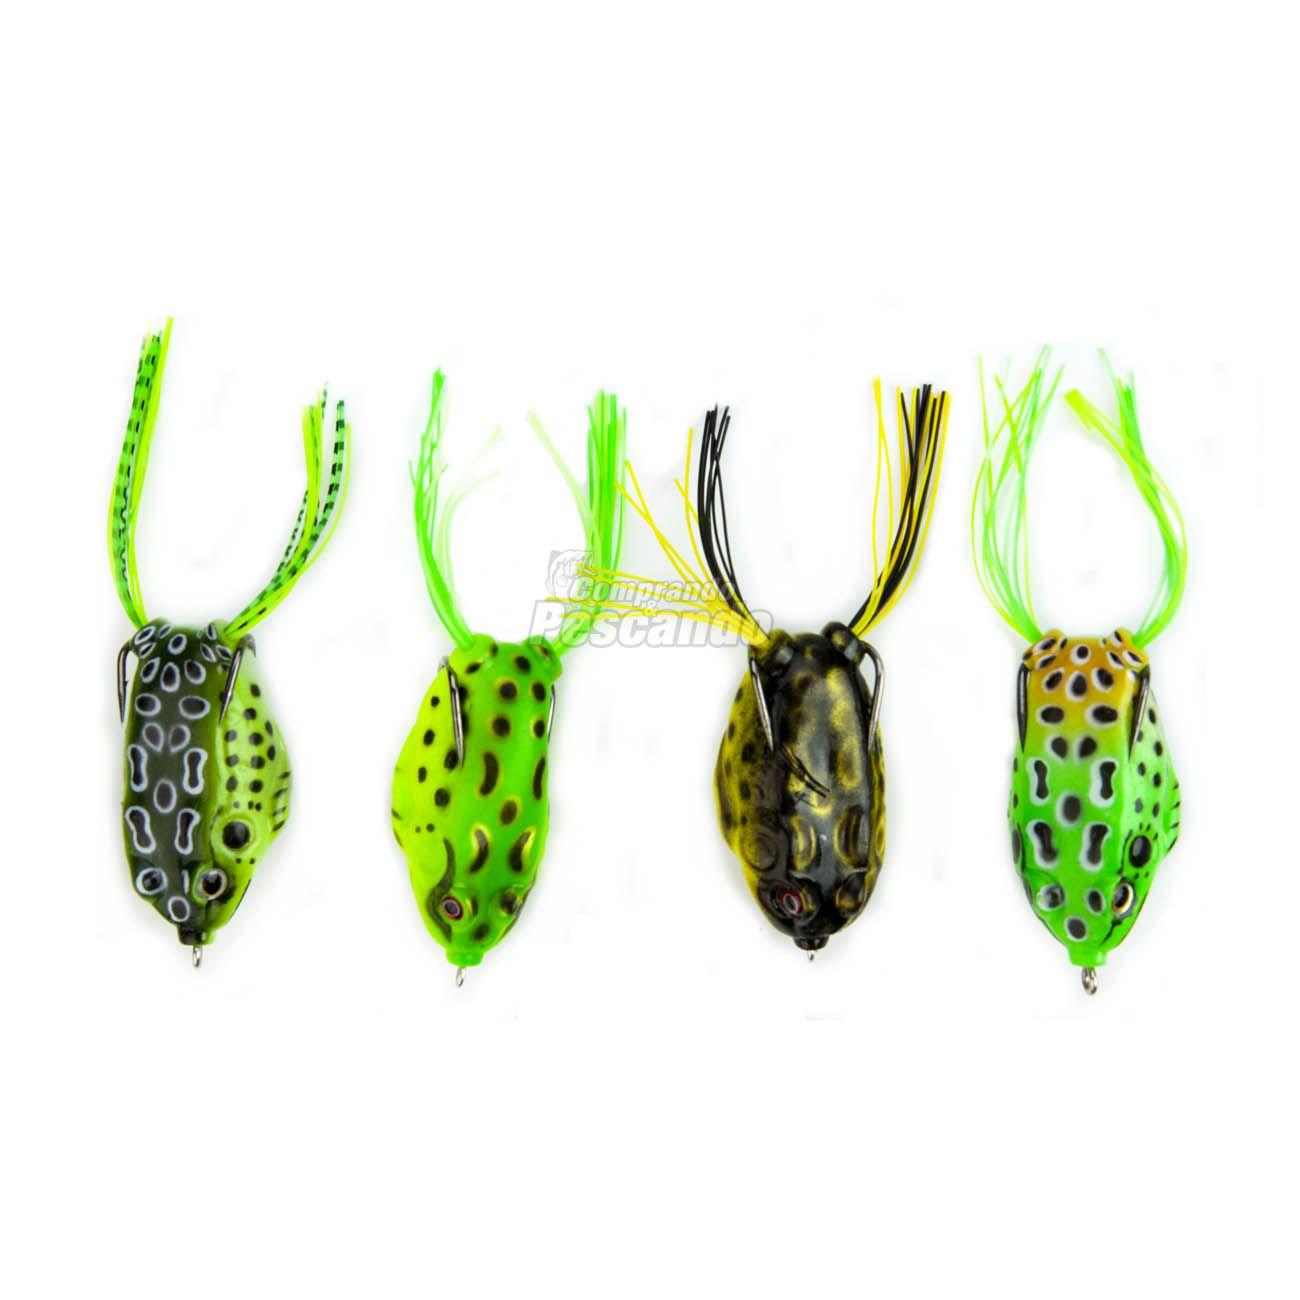 Kit com 4 Iscas Artificiais Frog  - Comprando & Pescando